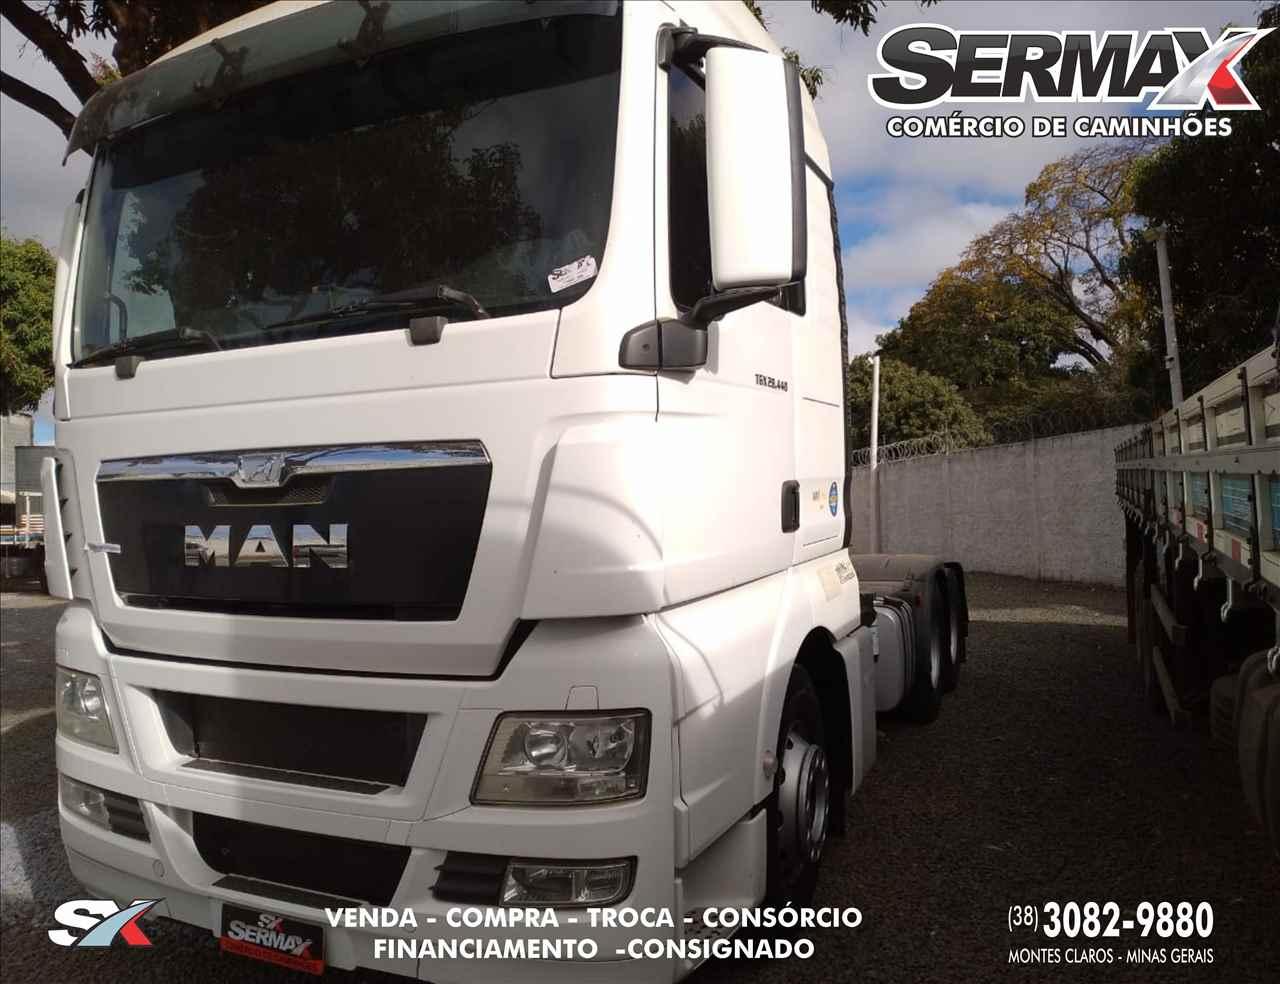 CAMINHAO MAN TGX 28 440 Cavalo Mecânico Truck 6x2 Sermax Caminhões MONTES CLAROS MINAS GERAIS MG